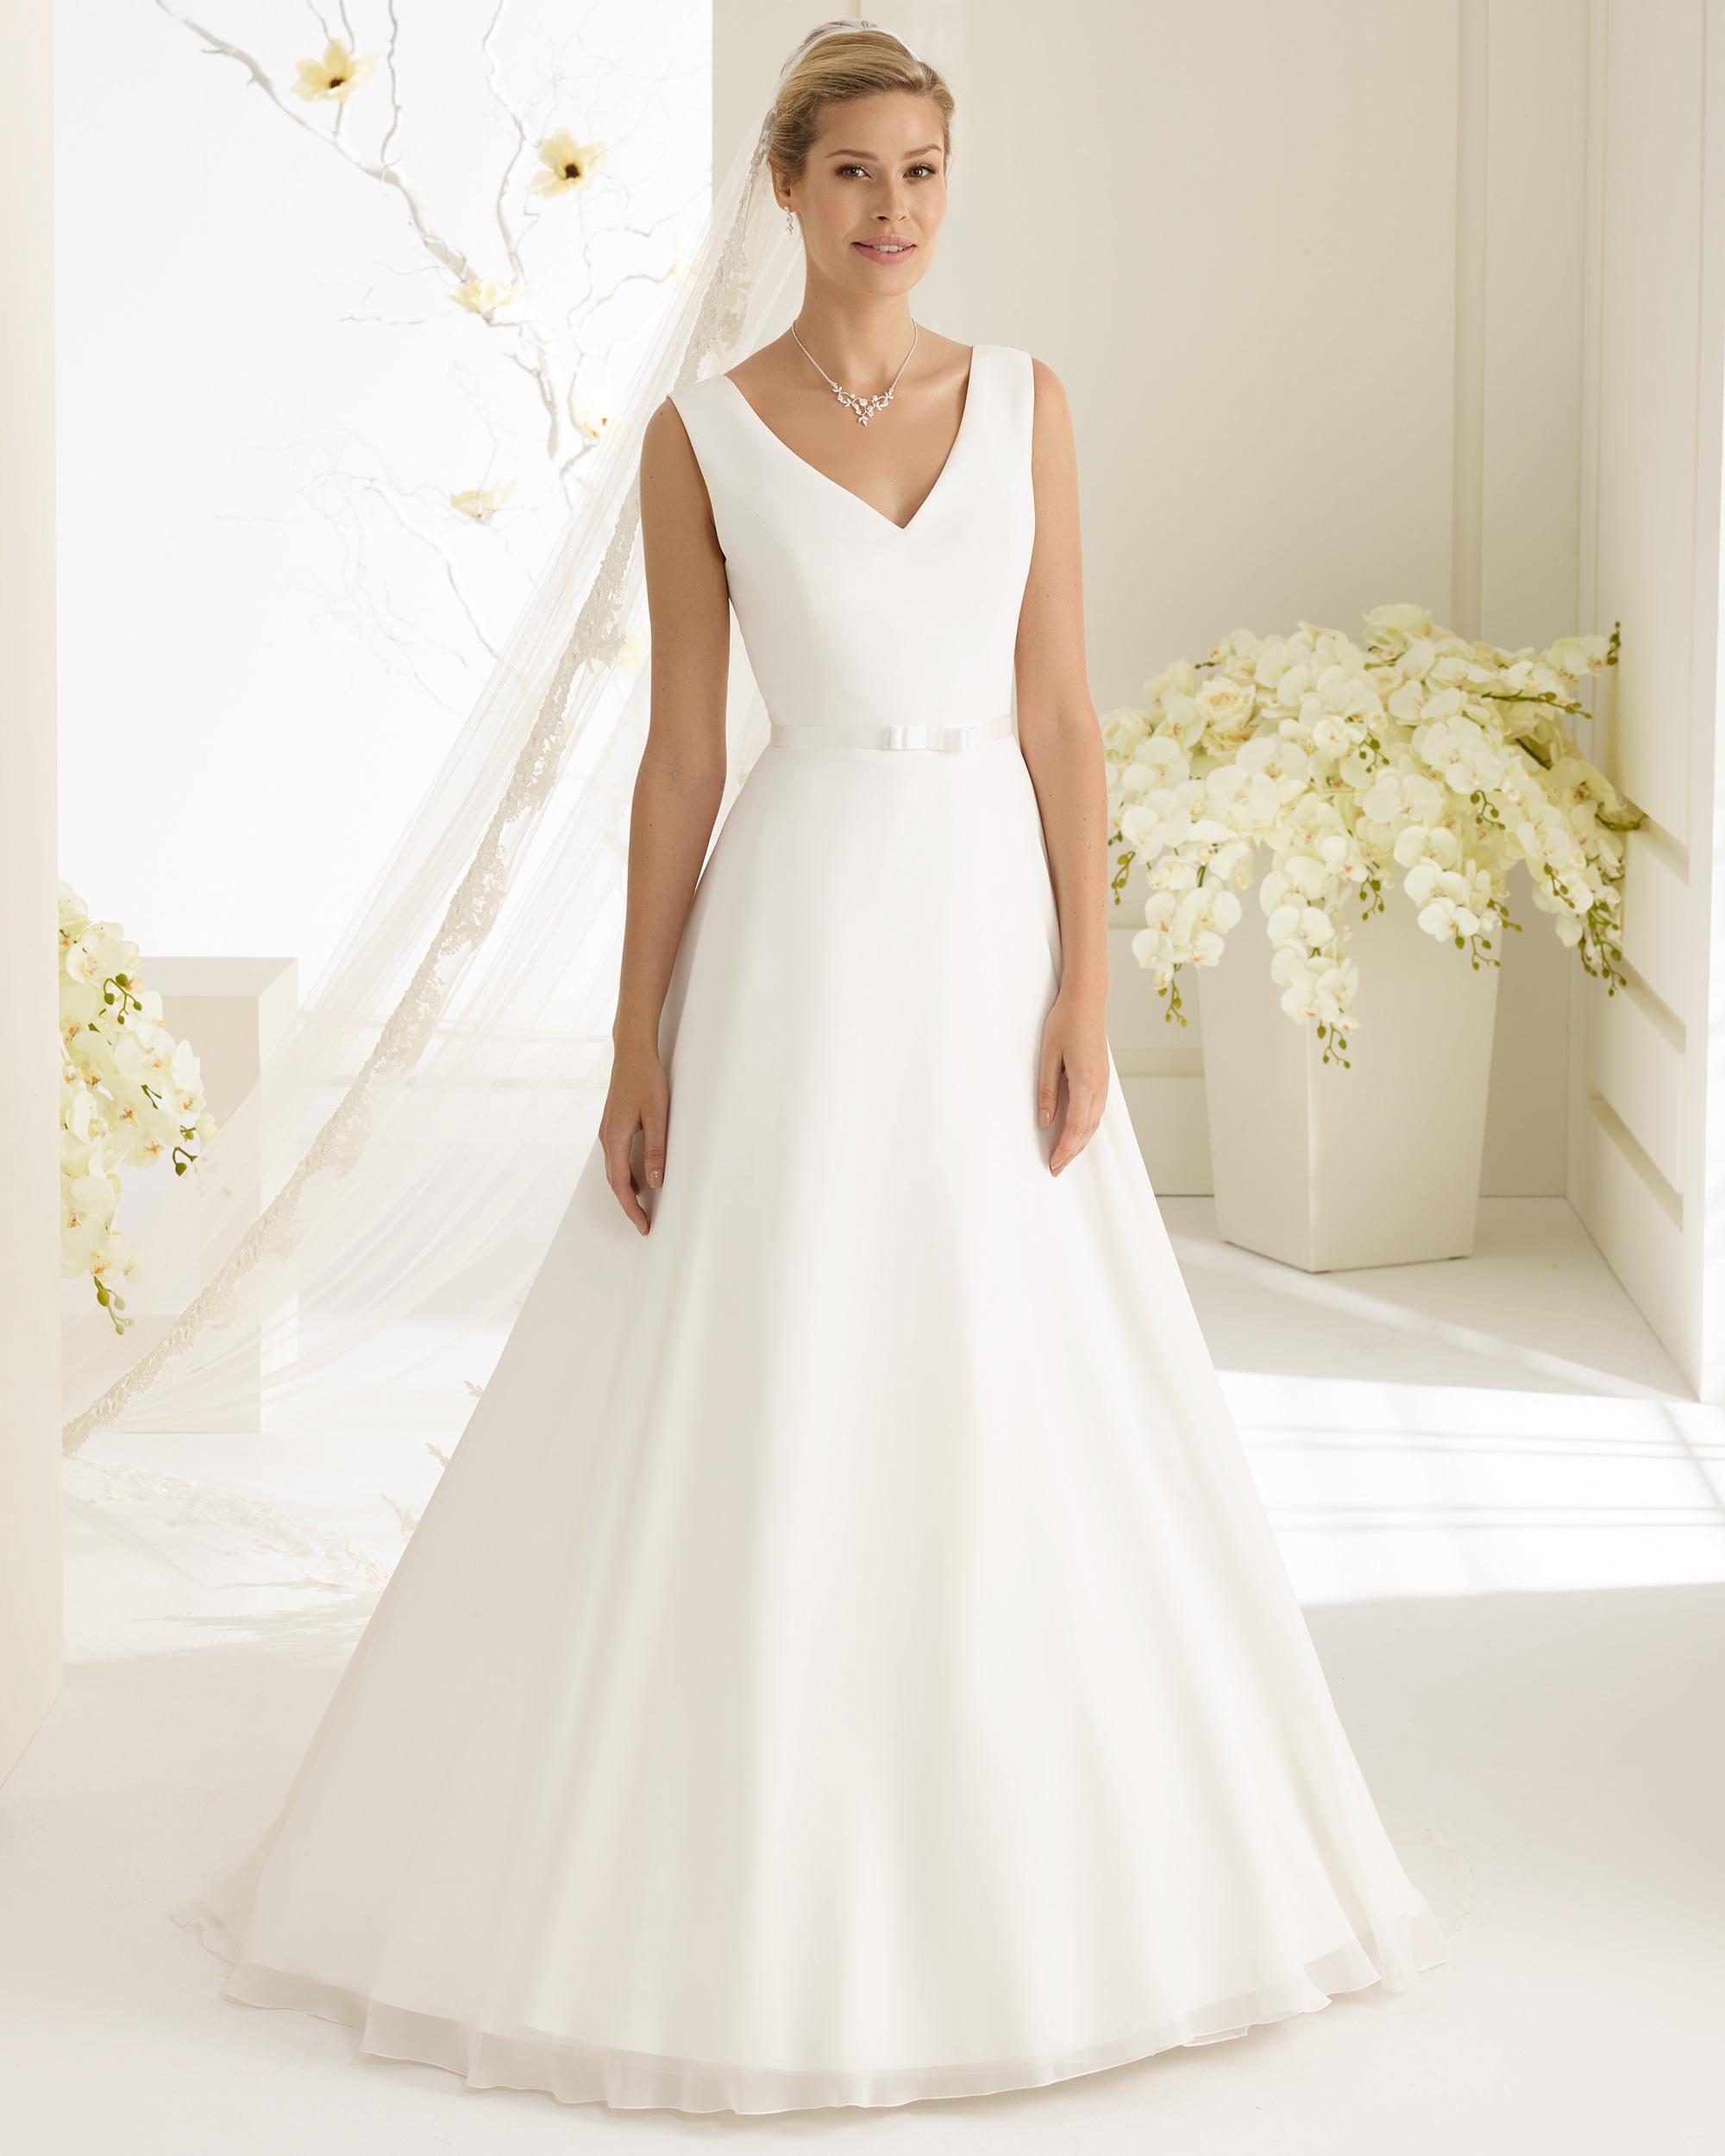 f3aed8d84427 Brudklänning från Bianco Evento, Brudkjole, Brudklänning i Spets,  brudklänning Chiffong, brudklänning i